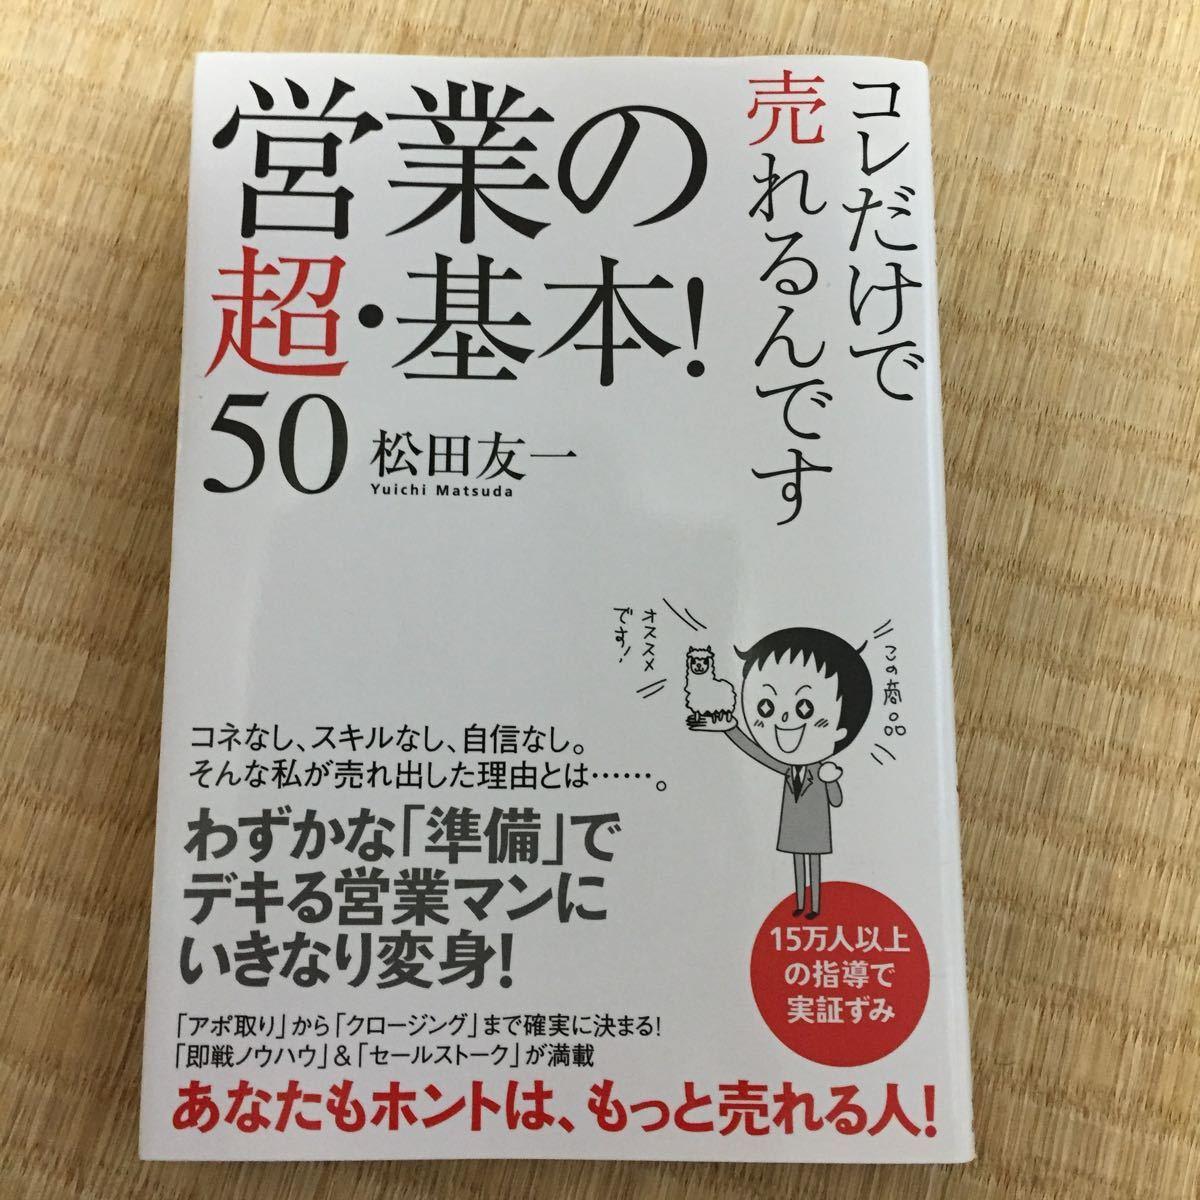 営業の超基本! 50 コレだけで売れるんです/松田友一 【著】